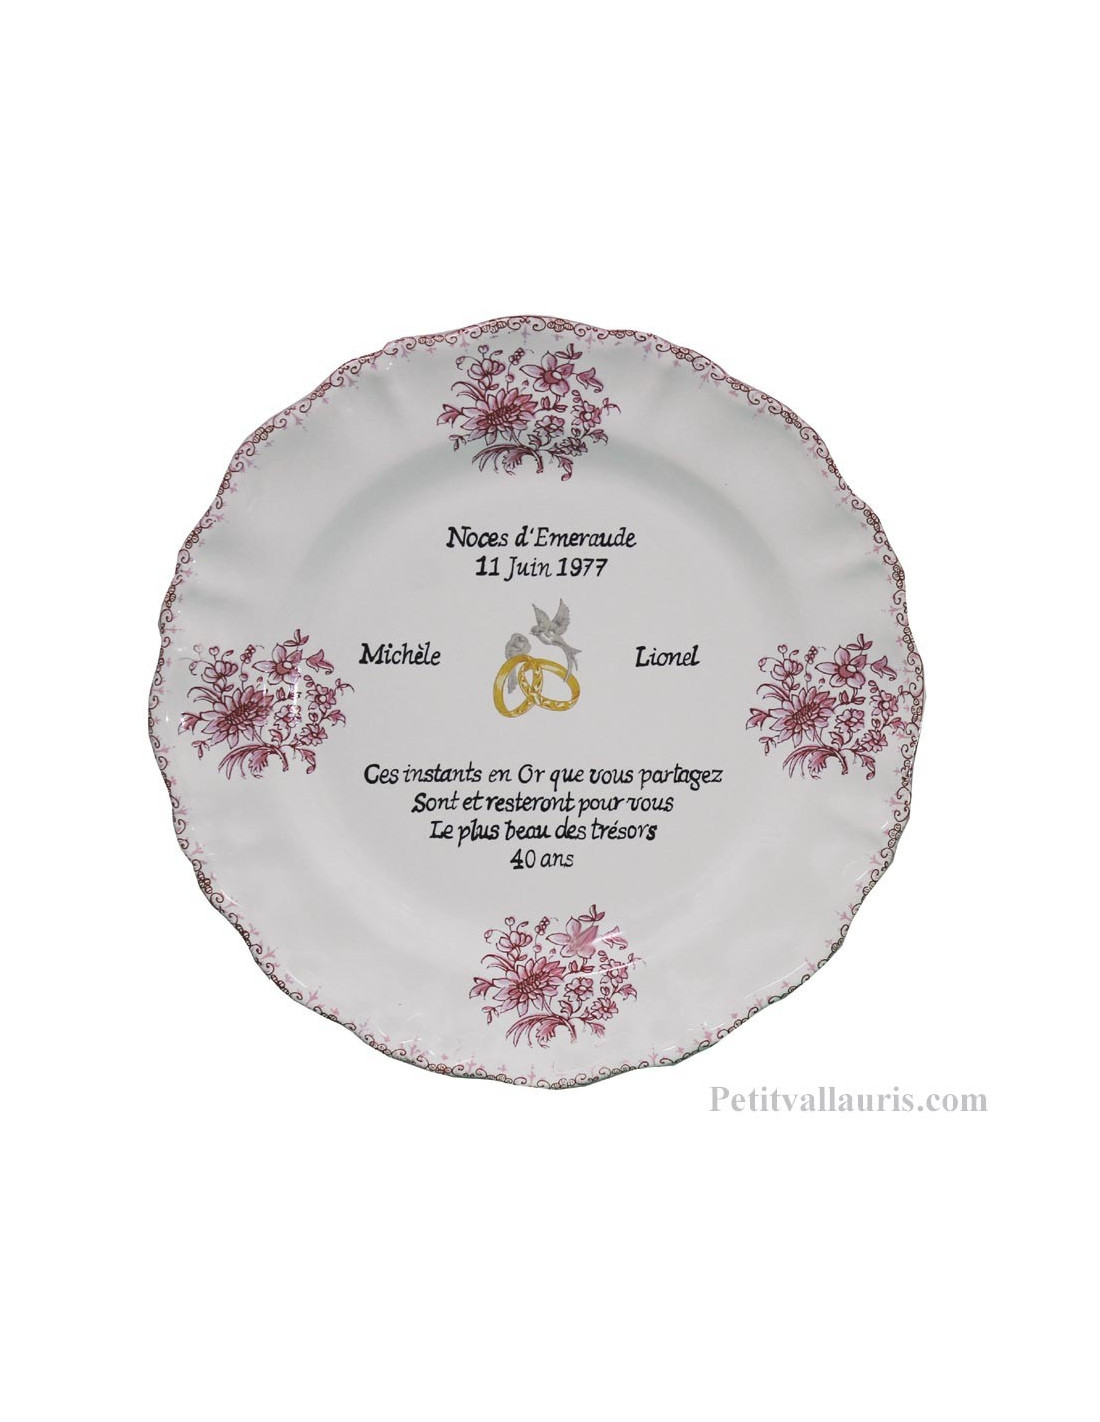 Assiette décorative en Faience pour Souvenir et